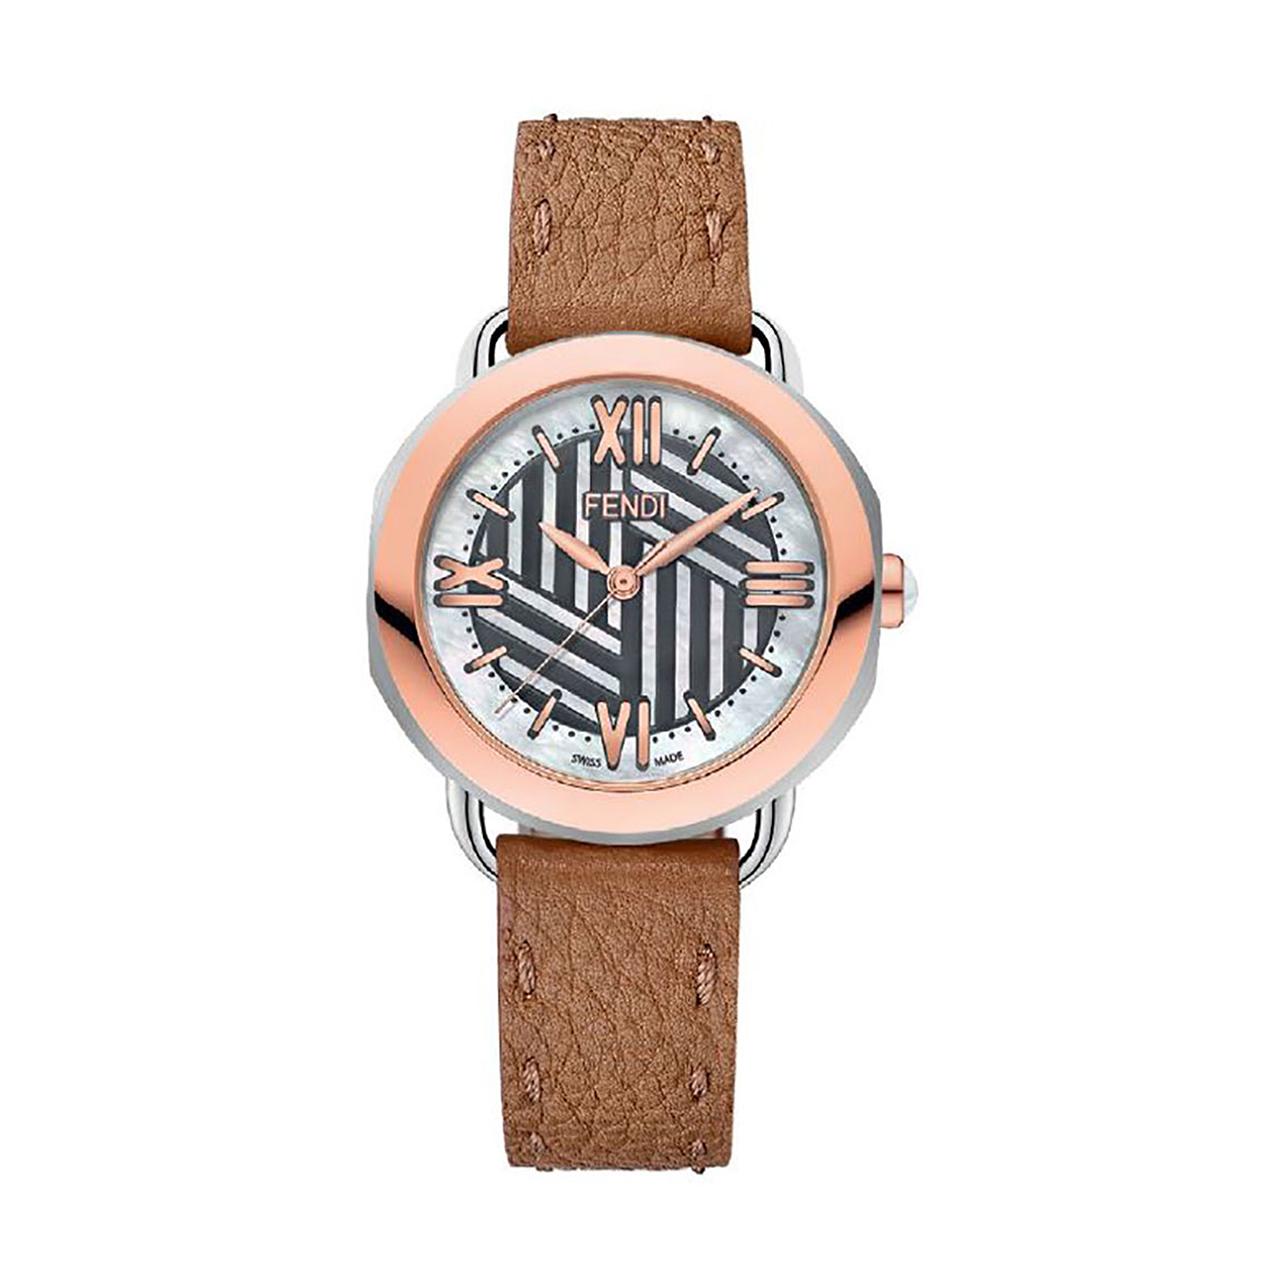 ساعت مچی عقربه ای زنانه فندی مدل F8112365H0